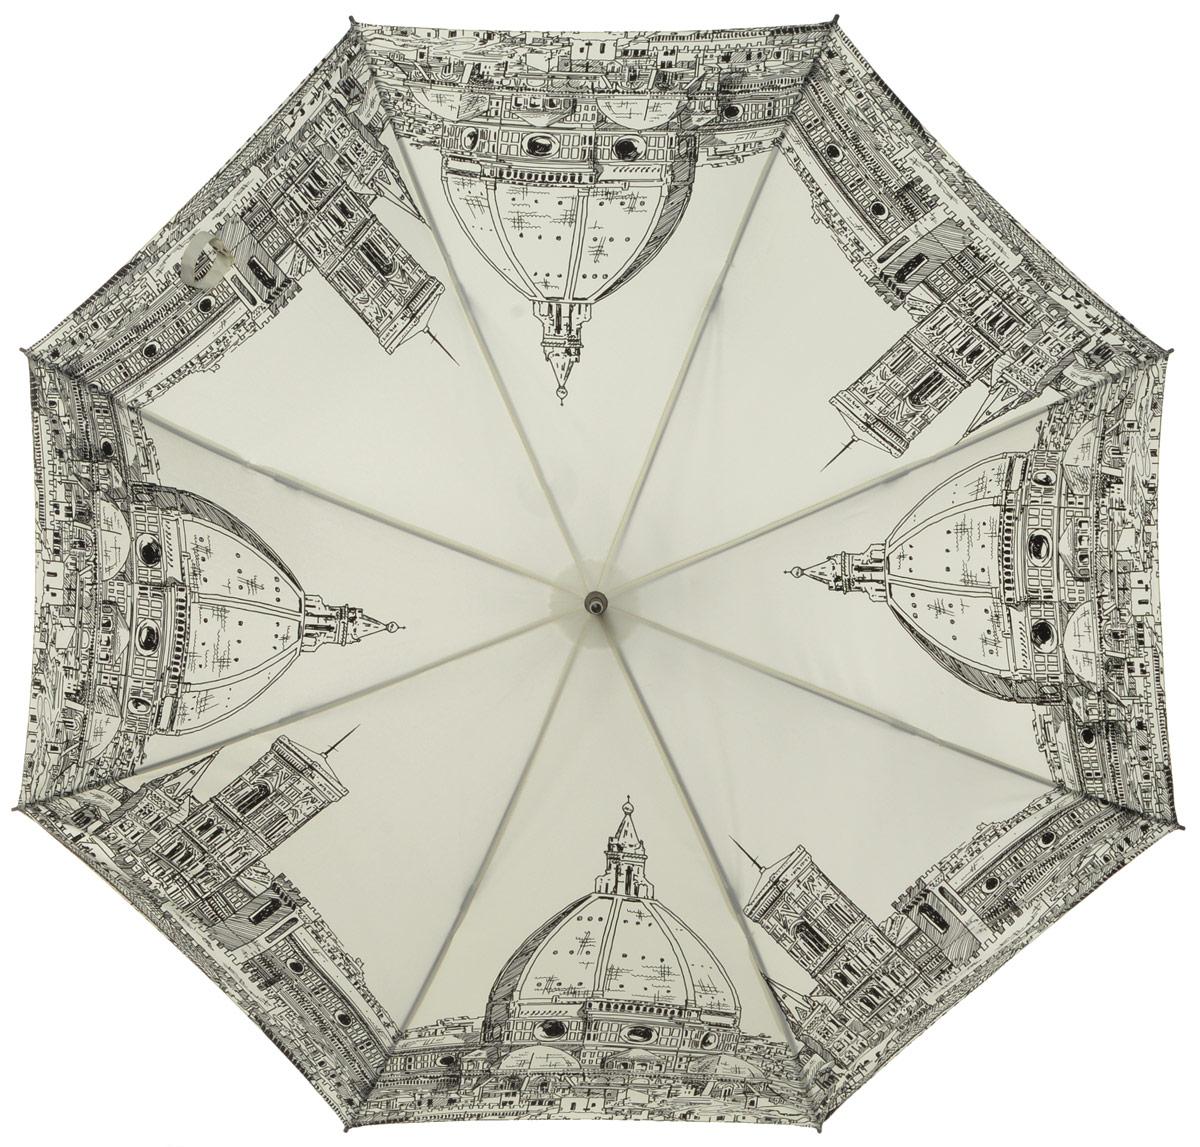 Зонт-трость женский Eleganzza, полуавтомат, 3 сложения, цвет: молочный, черный. T-05-0248T-05-0248Элегантный женский зонт-трость Eleganzza не оставит вас незамеченной. Изделие оформлено оригинальным принтом. Зонт состоит из восьми спиц изготовленных из фибергласса и стержня из стали. Купол выполнен из качественного полиэстера и эпонжа, которые не пропускают воду. Зонт дополнен удобной ручкой из матового пластика, которая имеет форму крючка. Также зонт имеет заостренный наконечник, который устраняет попадание воды на стержень и уберегает зонт от повреждений. Зонт оснащен удобным ремешком, благодаря которому зонт можно носить на плече. Изделие имеет полуавтоматический механизм сложения: купол открывается нажатием кнопки на ручке, а складывается вручную до характерного щелчка. Оригинальный и практичный аксессуар даже в ненастную погоду позволит вам оставаться женственной и привлекательной.